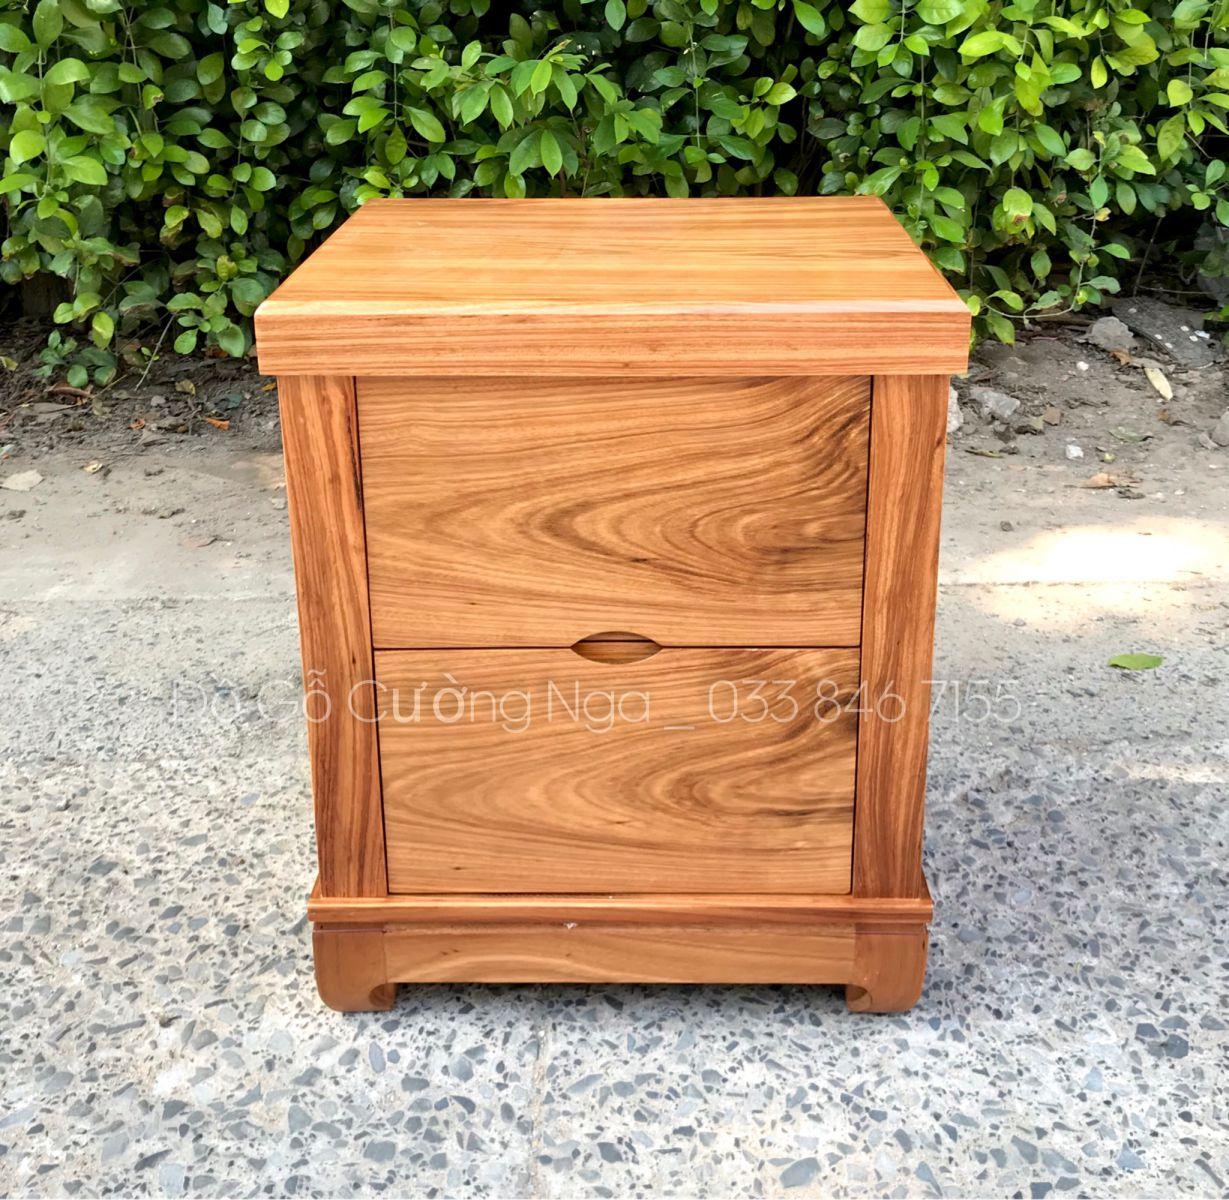 Tủ đầu giường gỗ hương xám 2 ngăn kéo tiện lợi